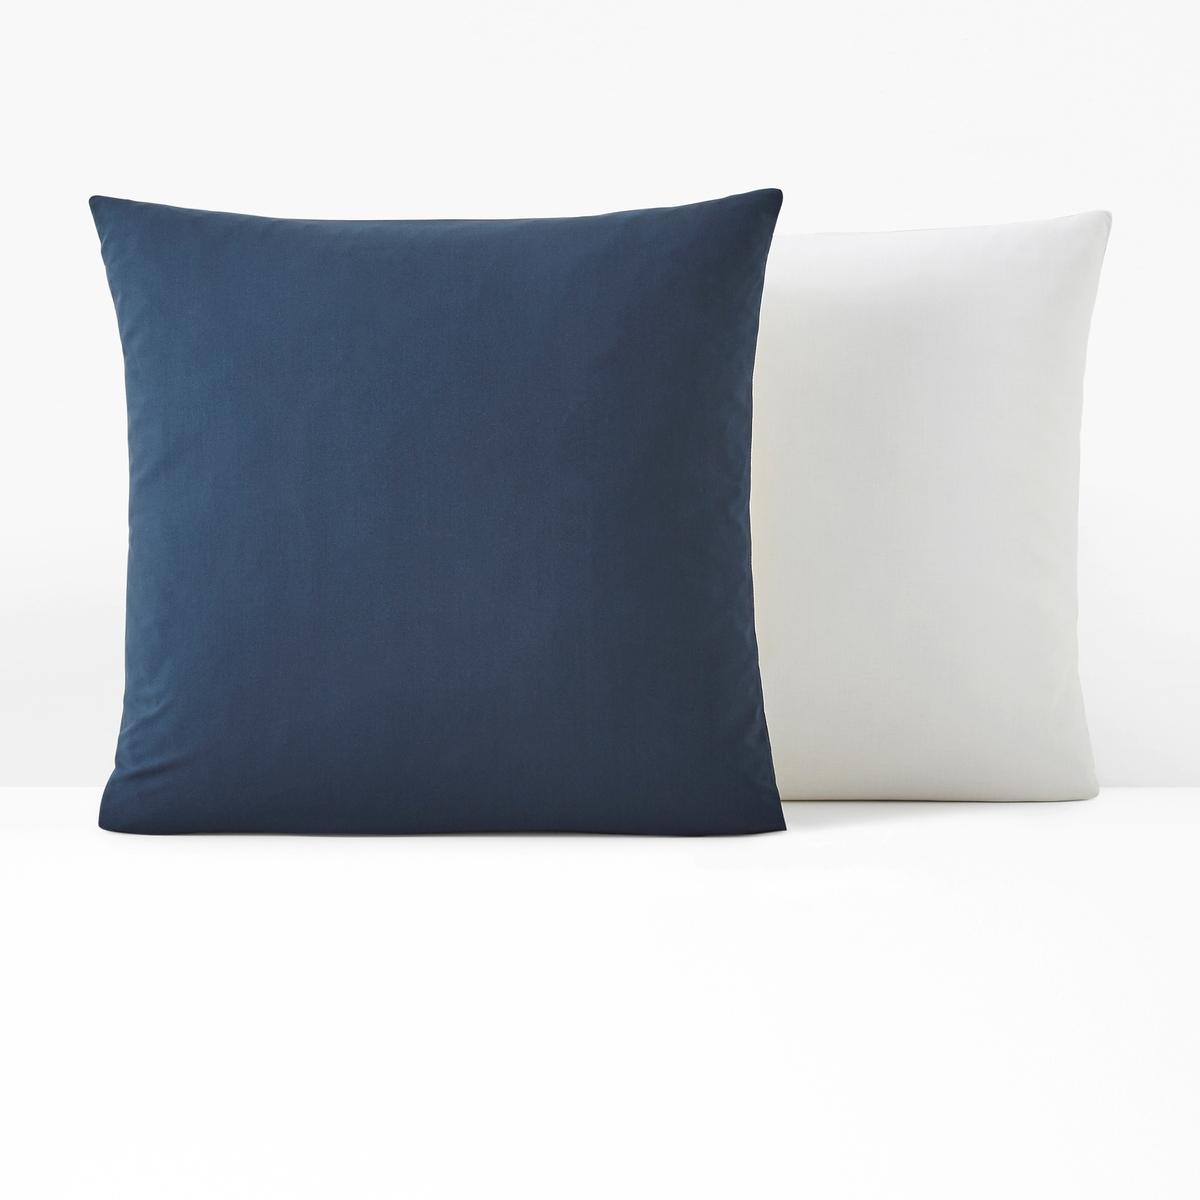 Fronha de almofada bicolor, em algodão, Scenario